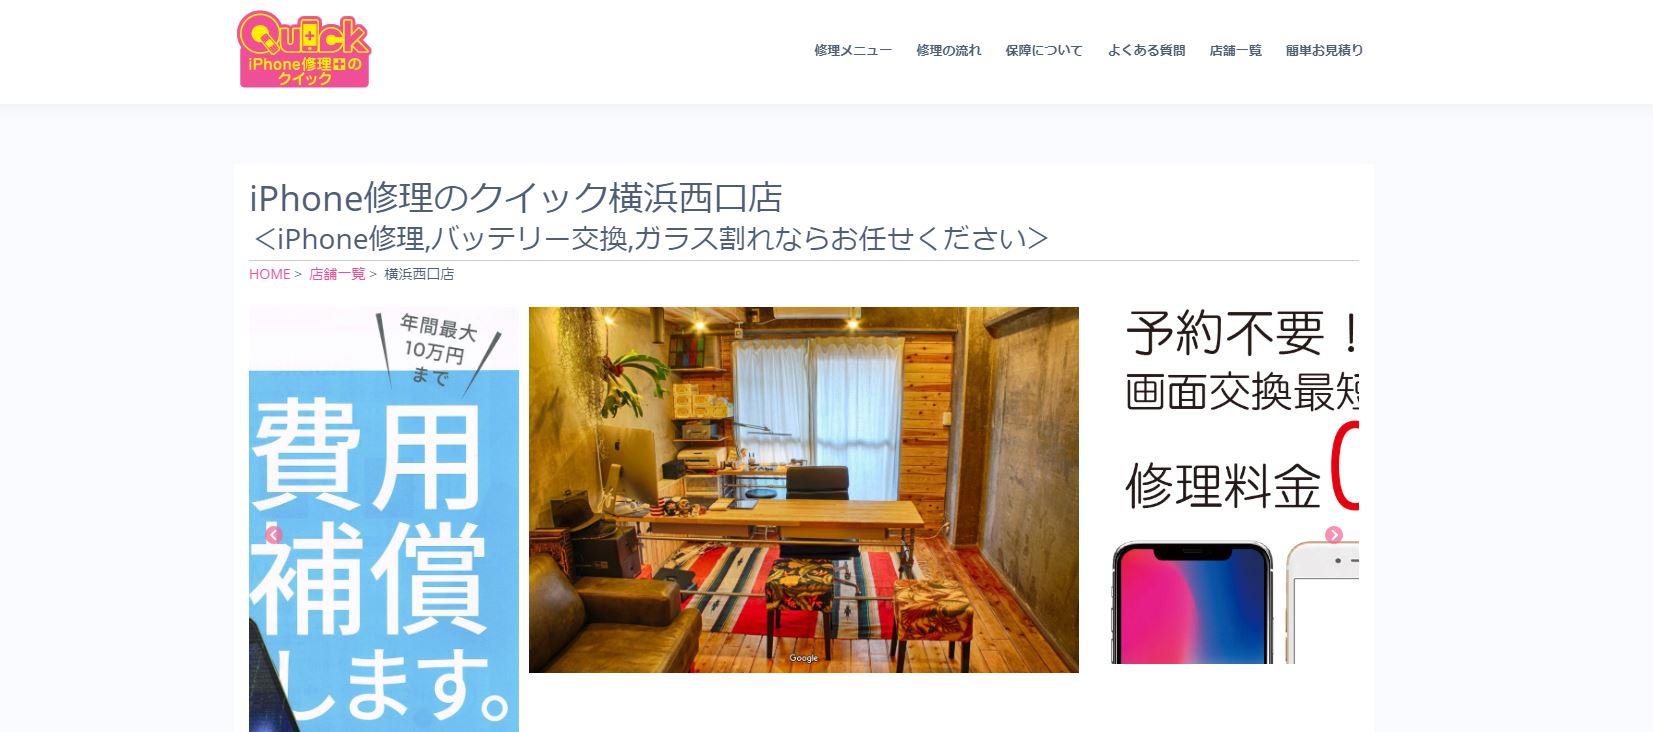 クイック横浜西口店